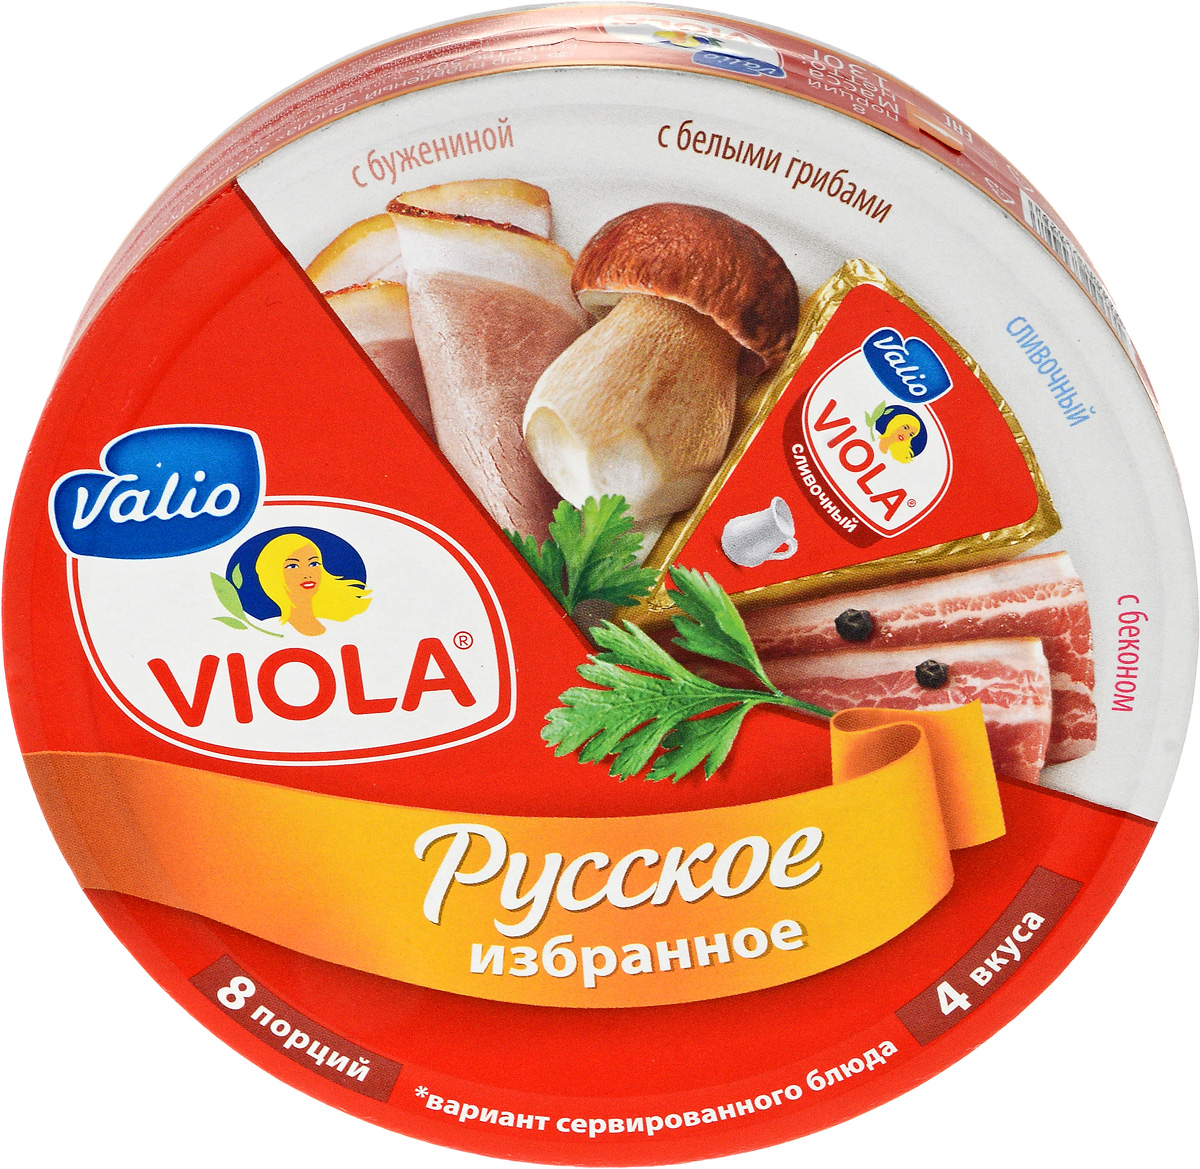 Valio Viola Сыр Русское избранное, ассорти, плавленый, 130 г valio viola сыр с лисичками плавленый 400 г